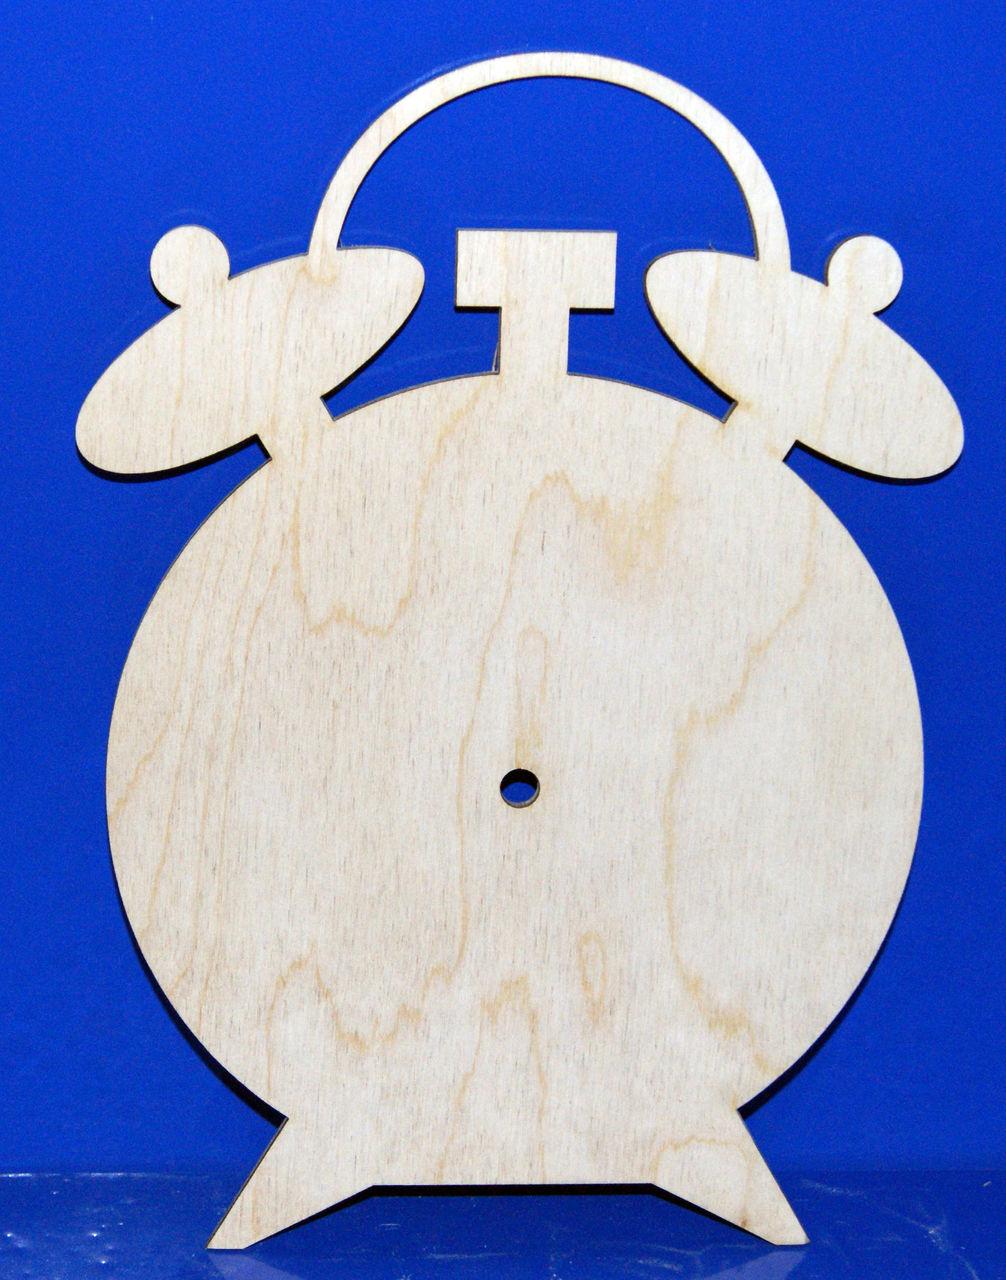 Часы из фанеры своими руками: инструменты, работа лобзиком, изготовление простых настенных часов